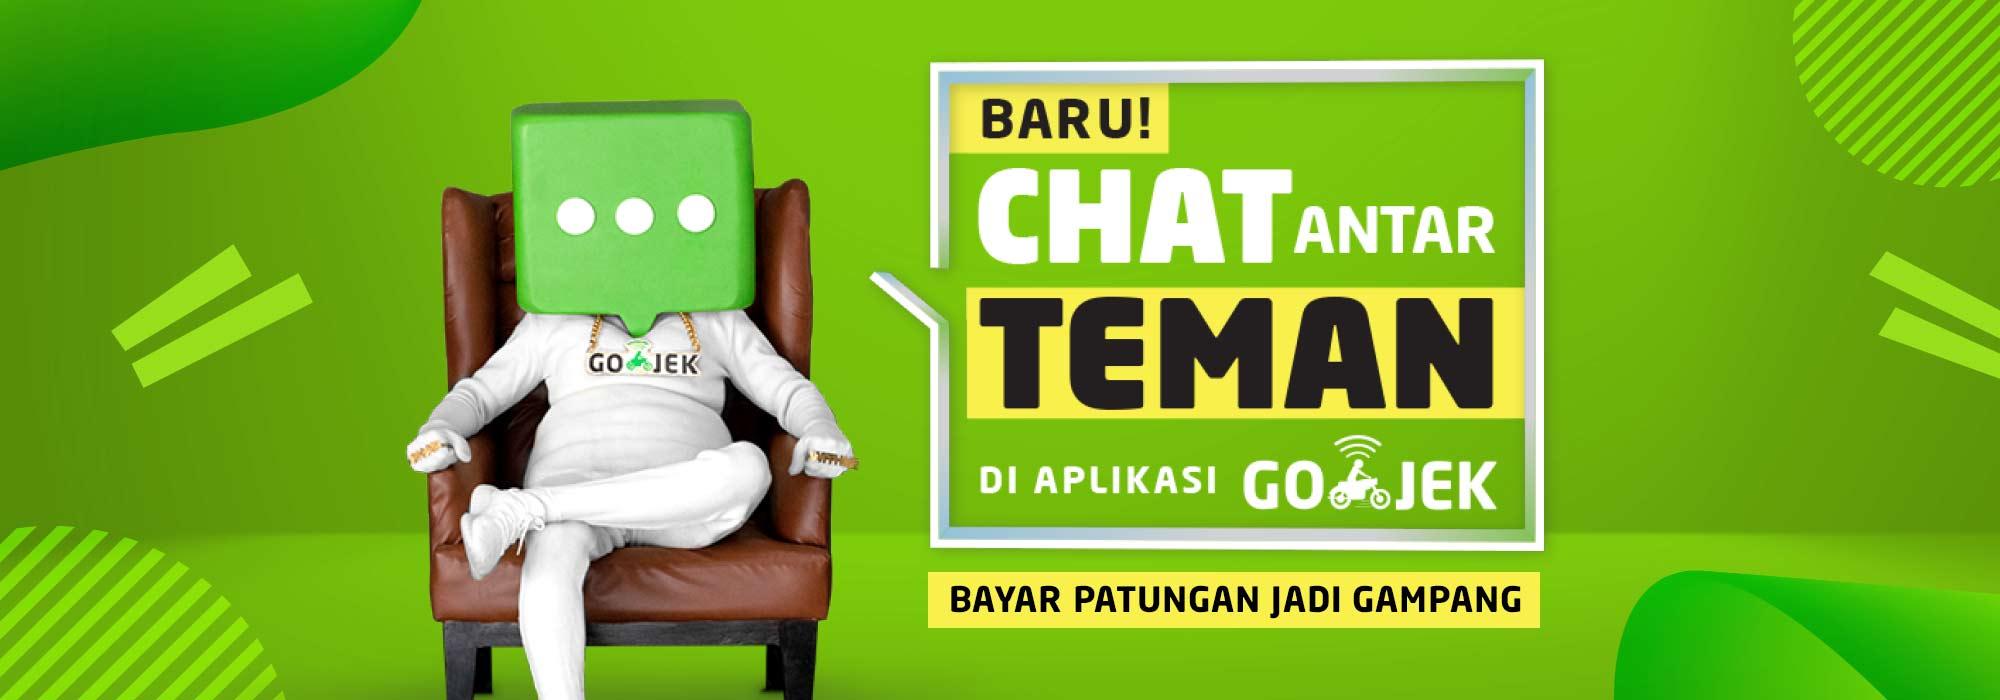 Mudahnya Chatting Sekaligus Patungan dengan Fitur Chat Baru GOJEK!